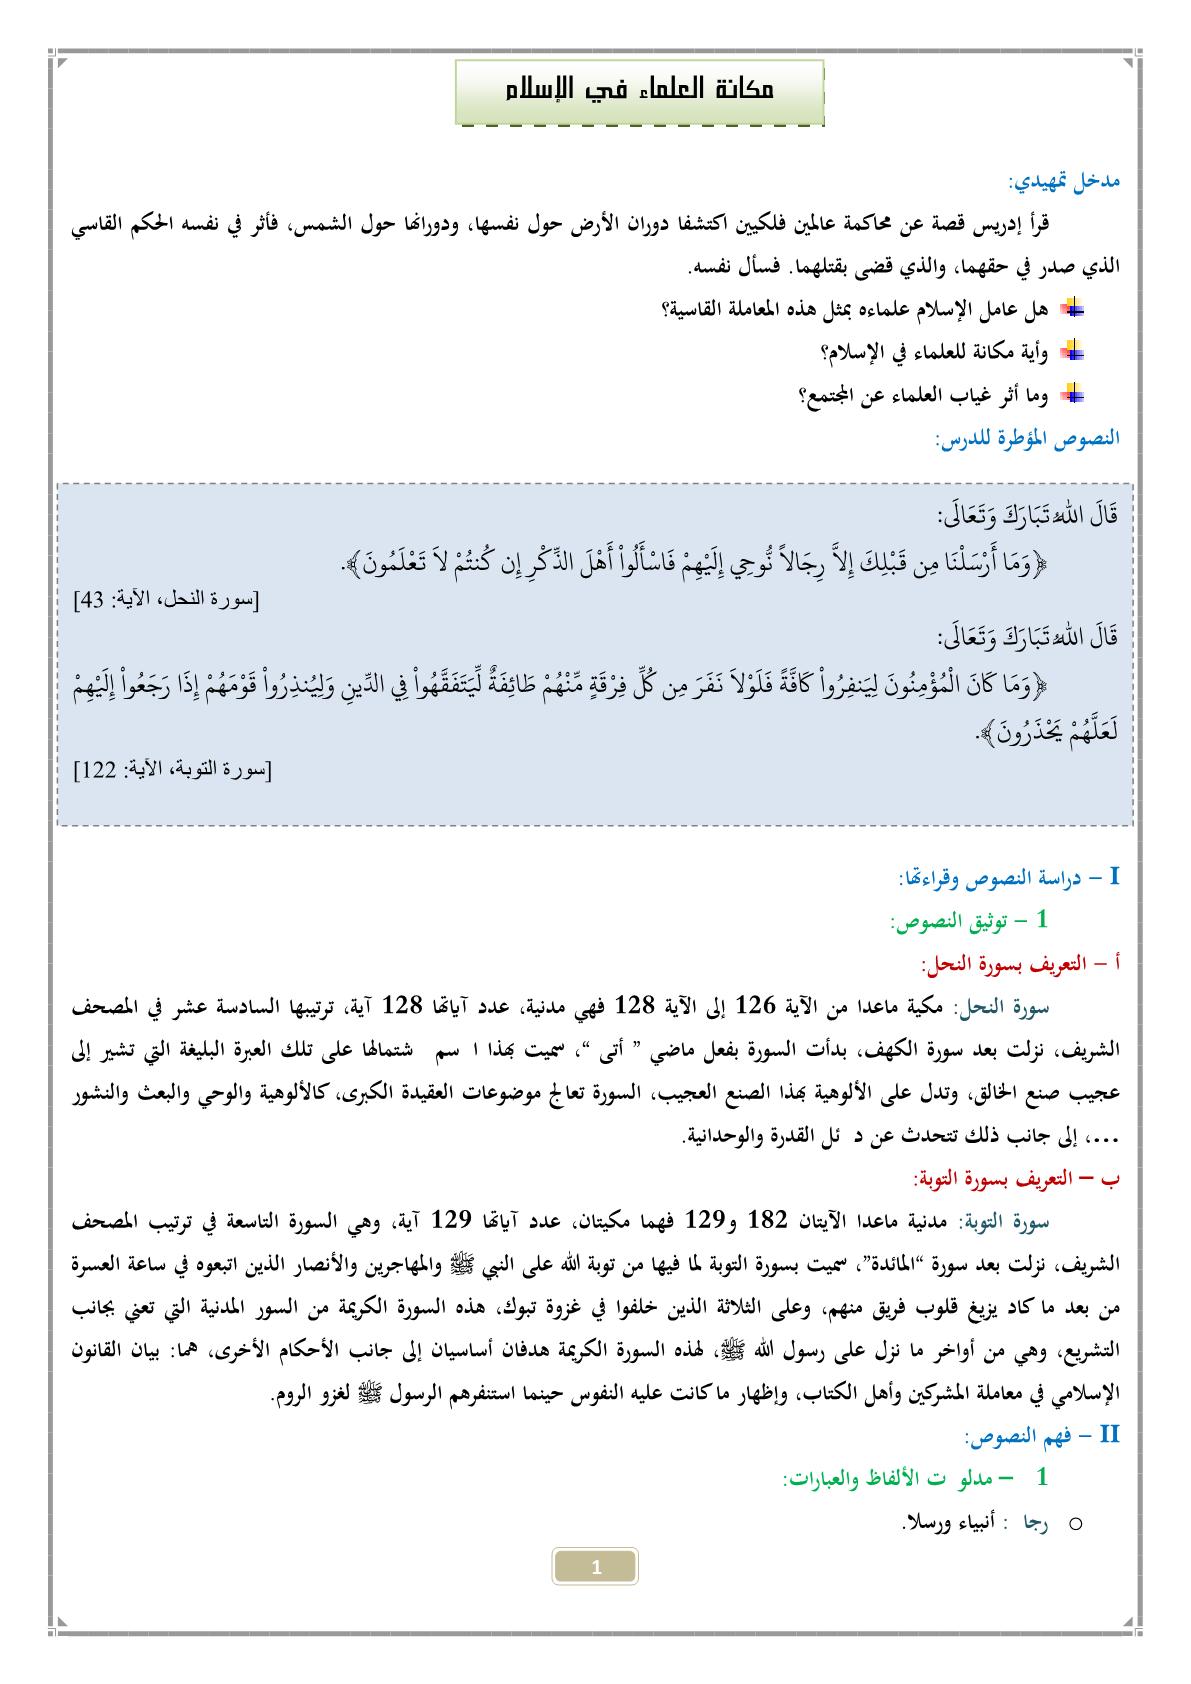 درس مكانة العلماء في الإسلام للسنة الثالثة اعدادي